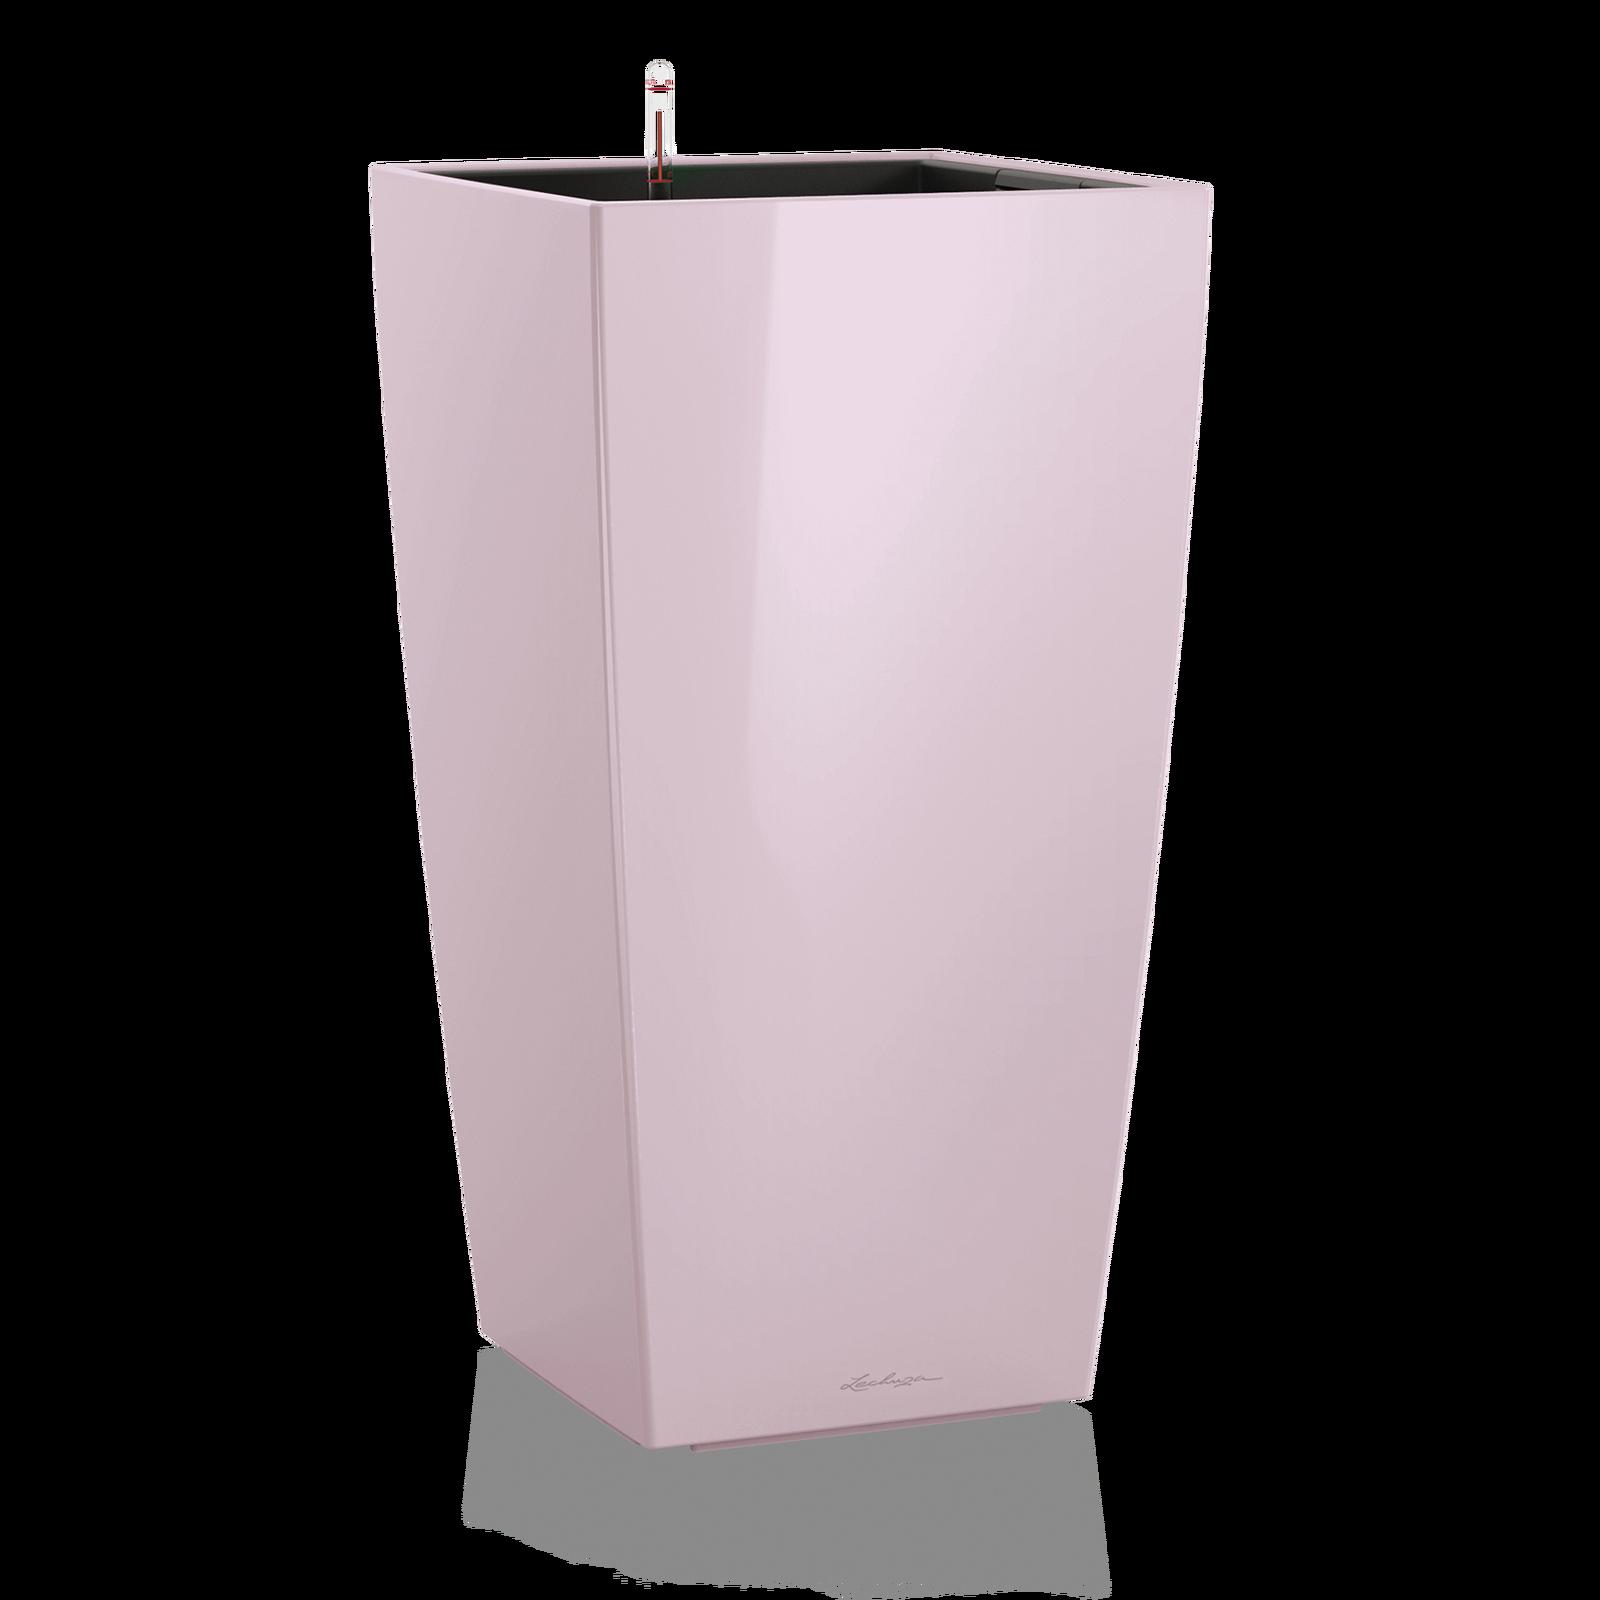 Кашпо кубико светло-фиолетового цвета с системой автополива